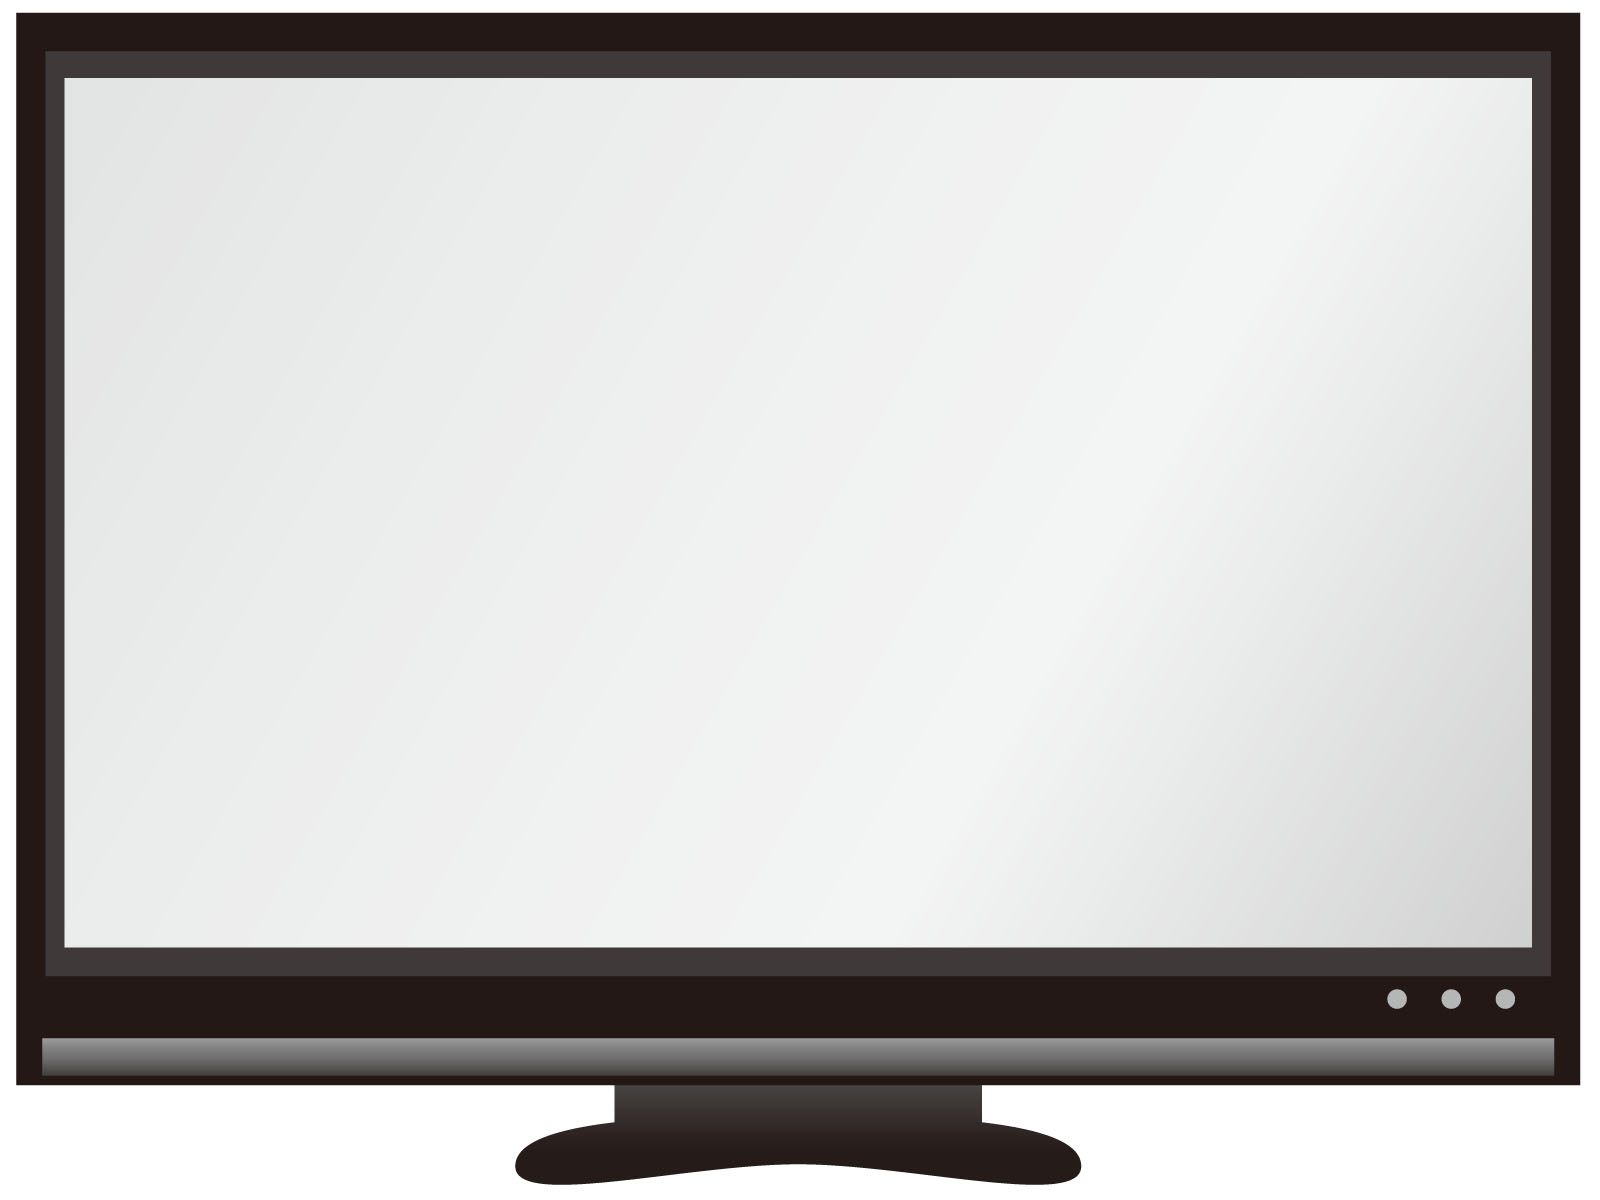 テレビの画像